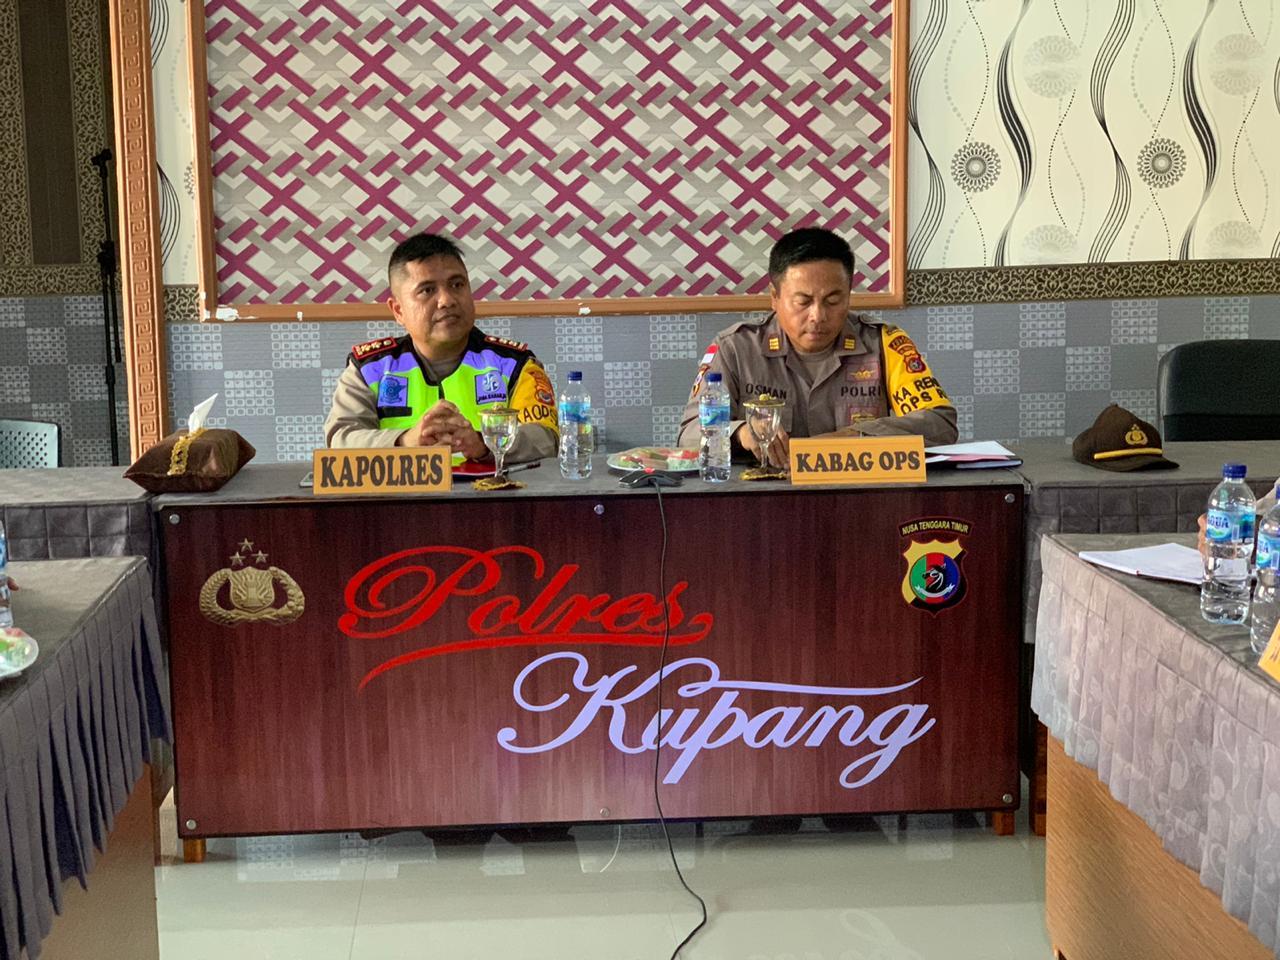 Kapolres Kupang perintahkan Satgas Gakkum awasi dana penanggulangan covid-19 di Kabupaten Kupang